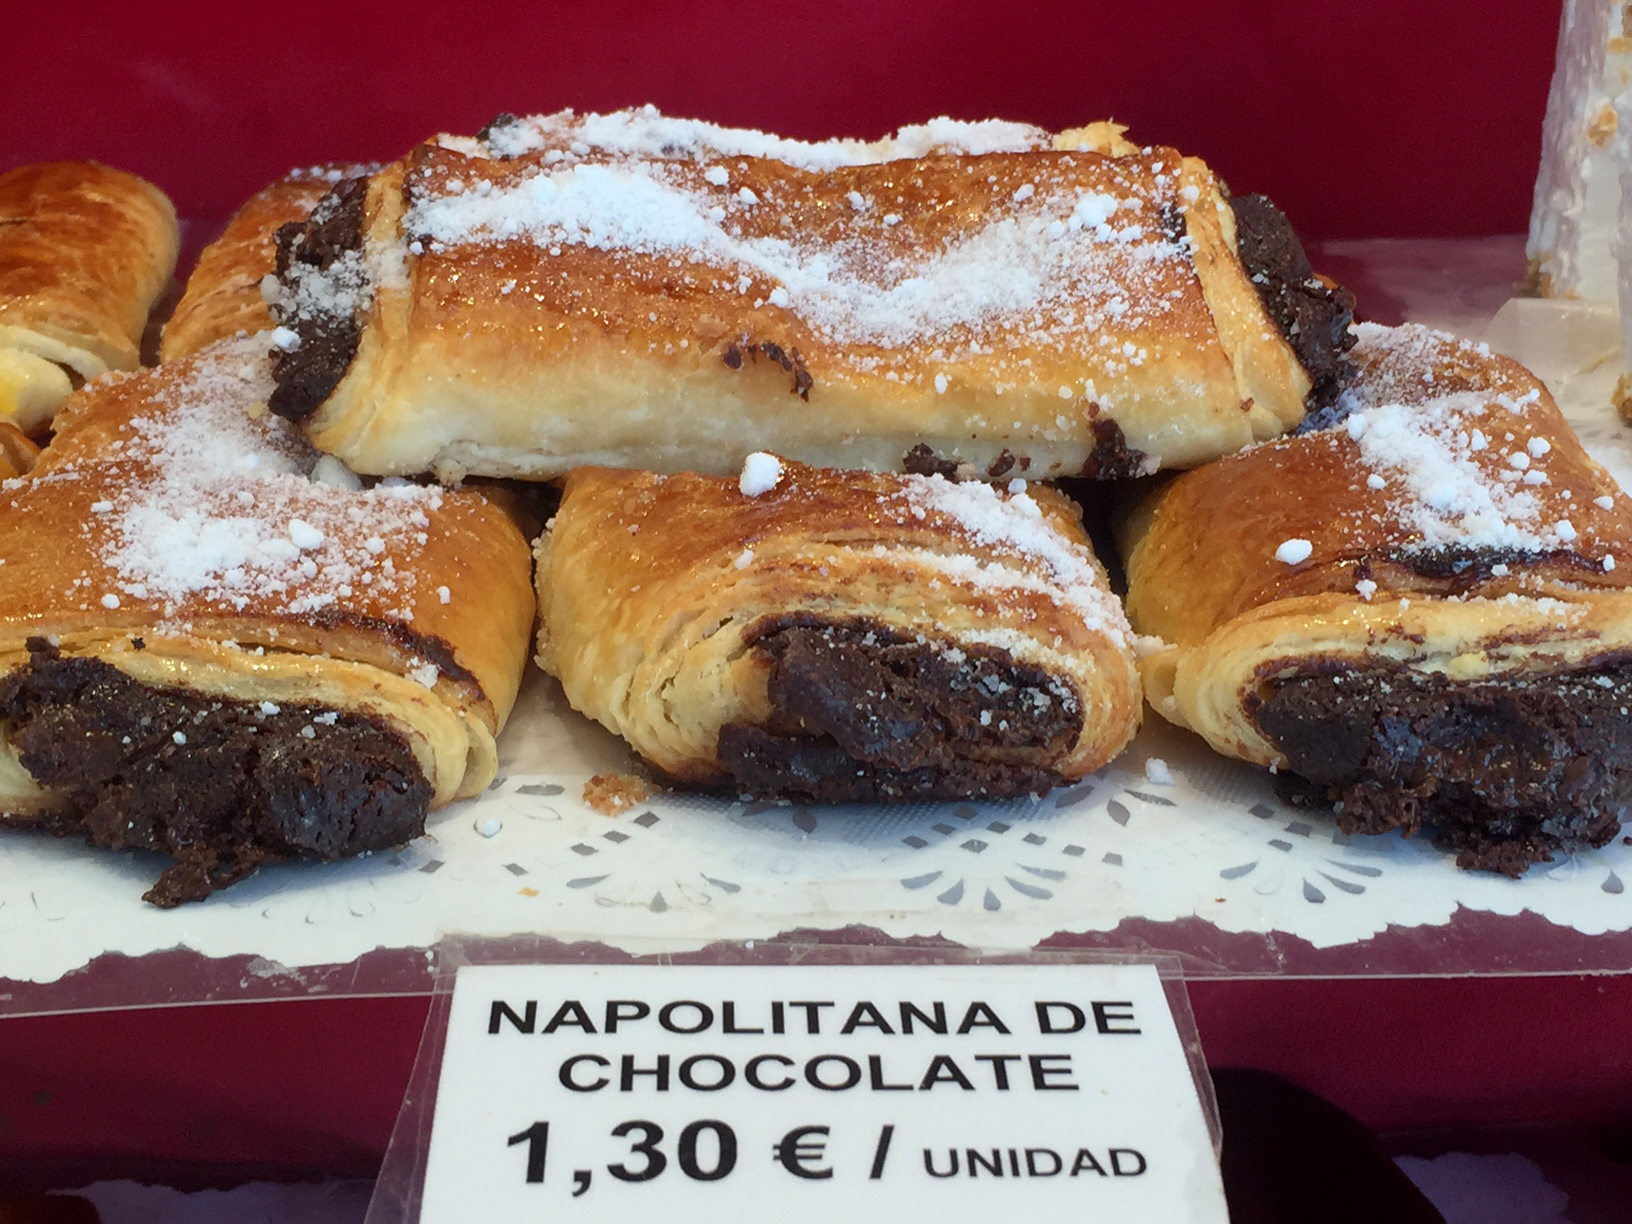 Napolitana chocolate, La Mallorquina